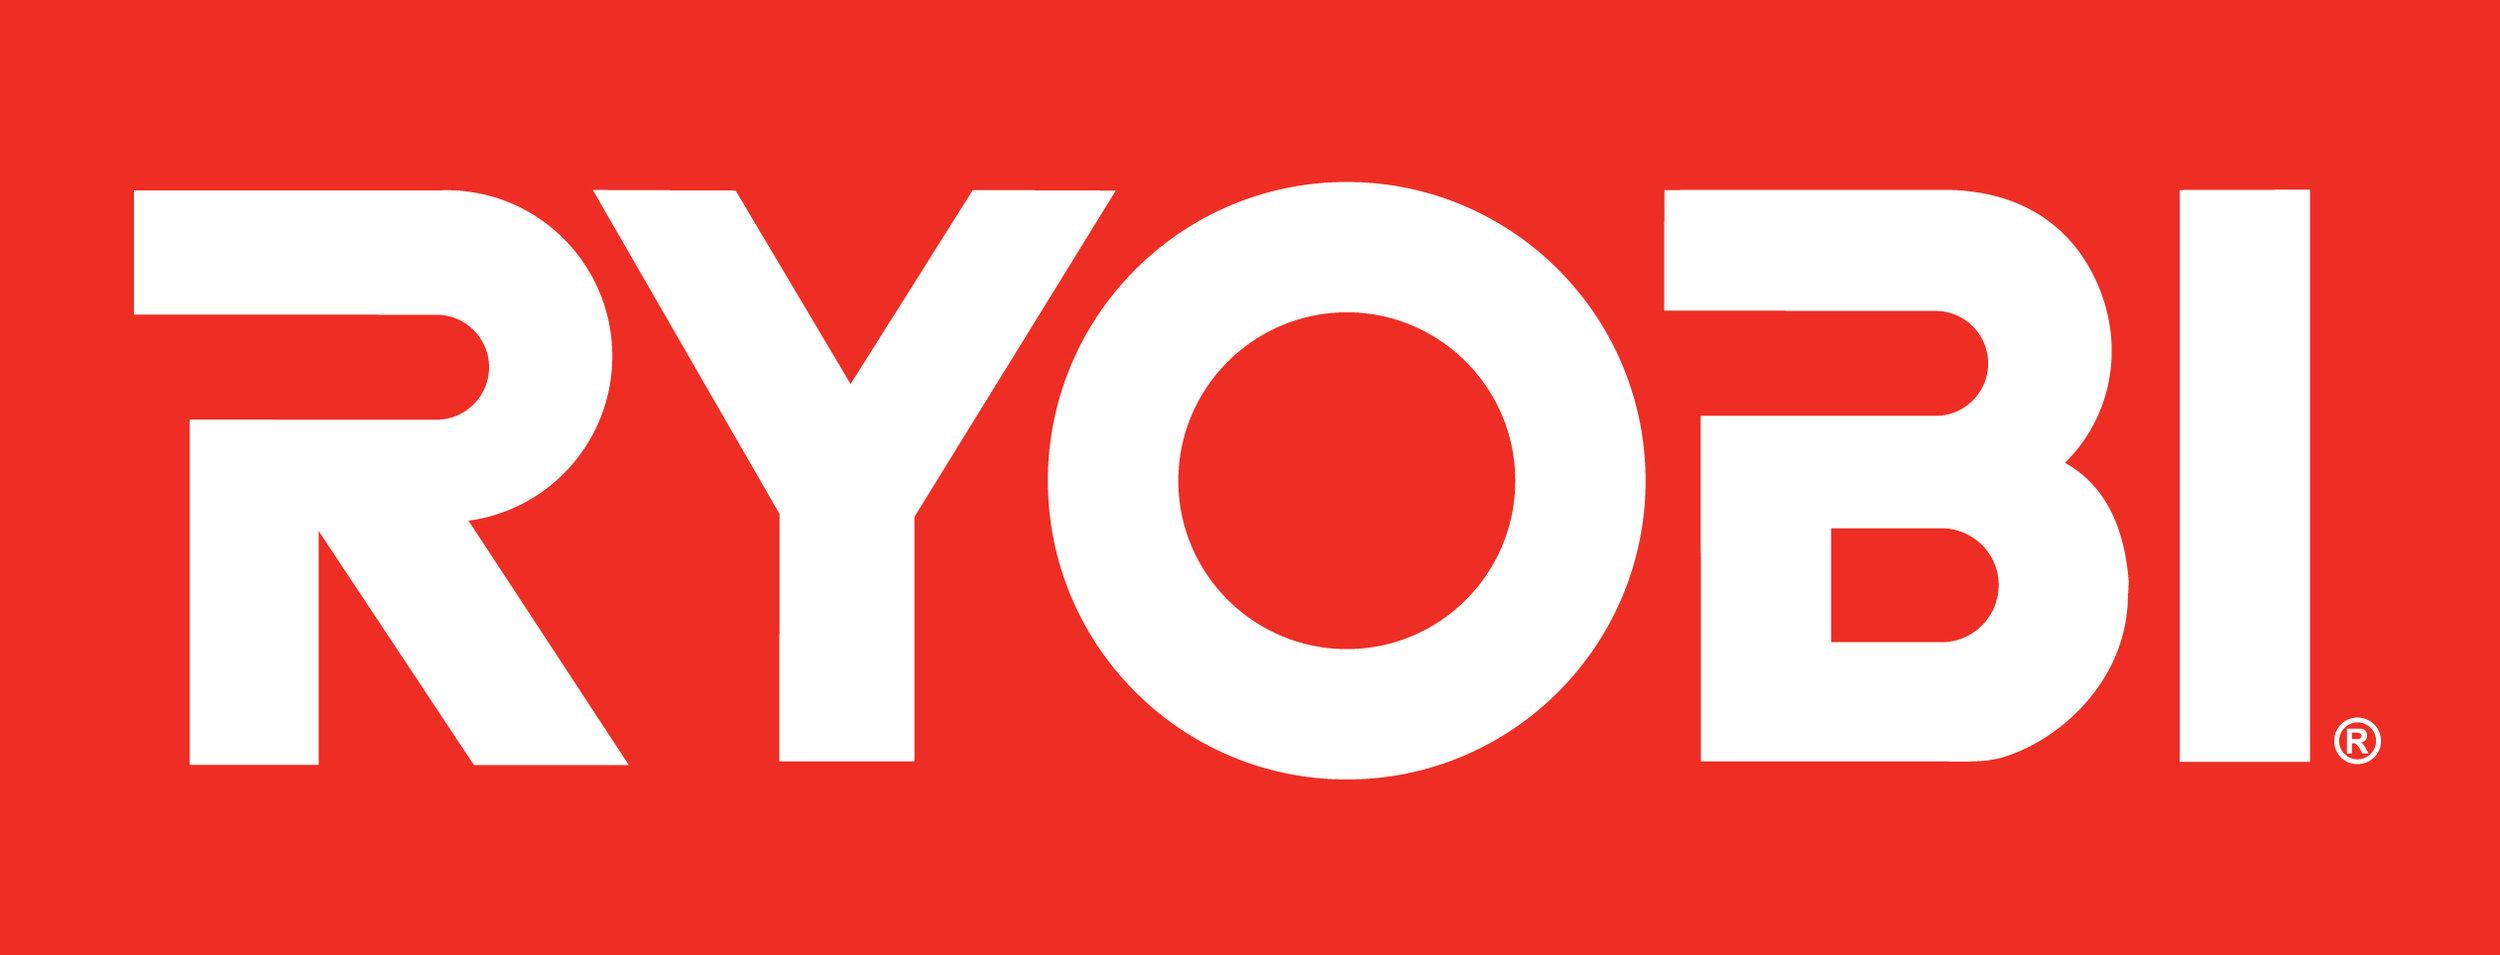 Ryobi.png